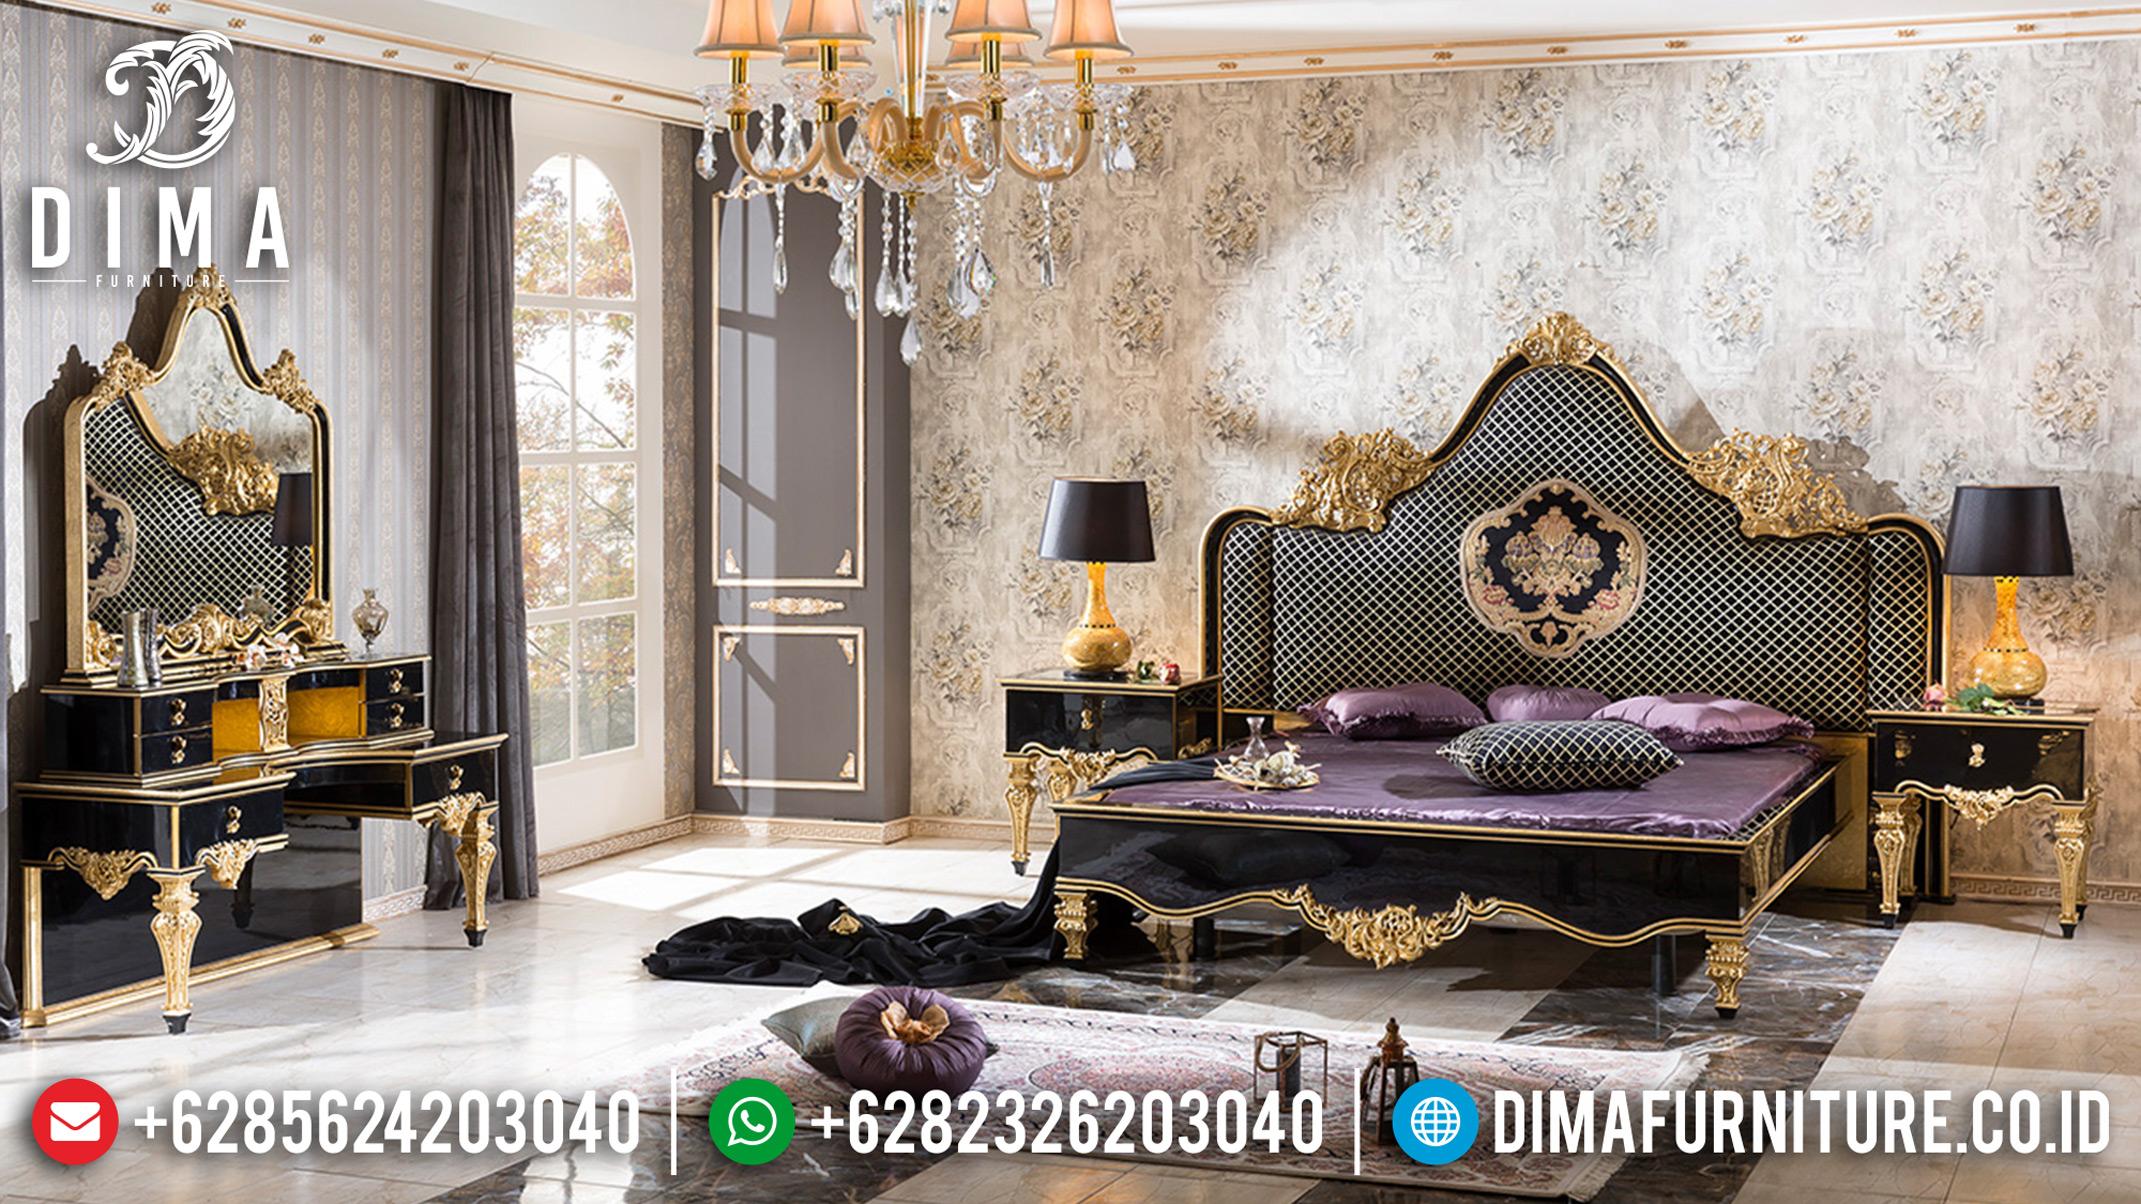 20+ Tempat Tidur Jepara Mewah Dan Minimalis Pilihan Tahun 2019 006 Dima Furniture Jepara